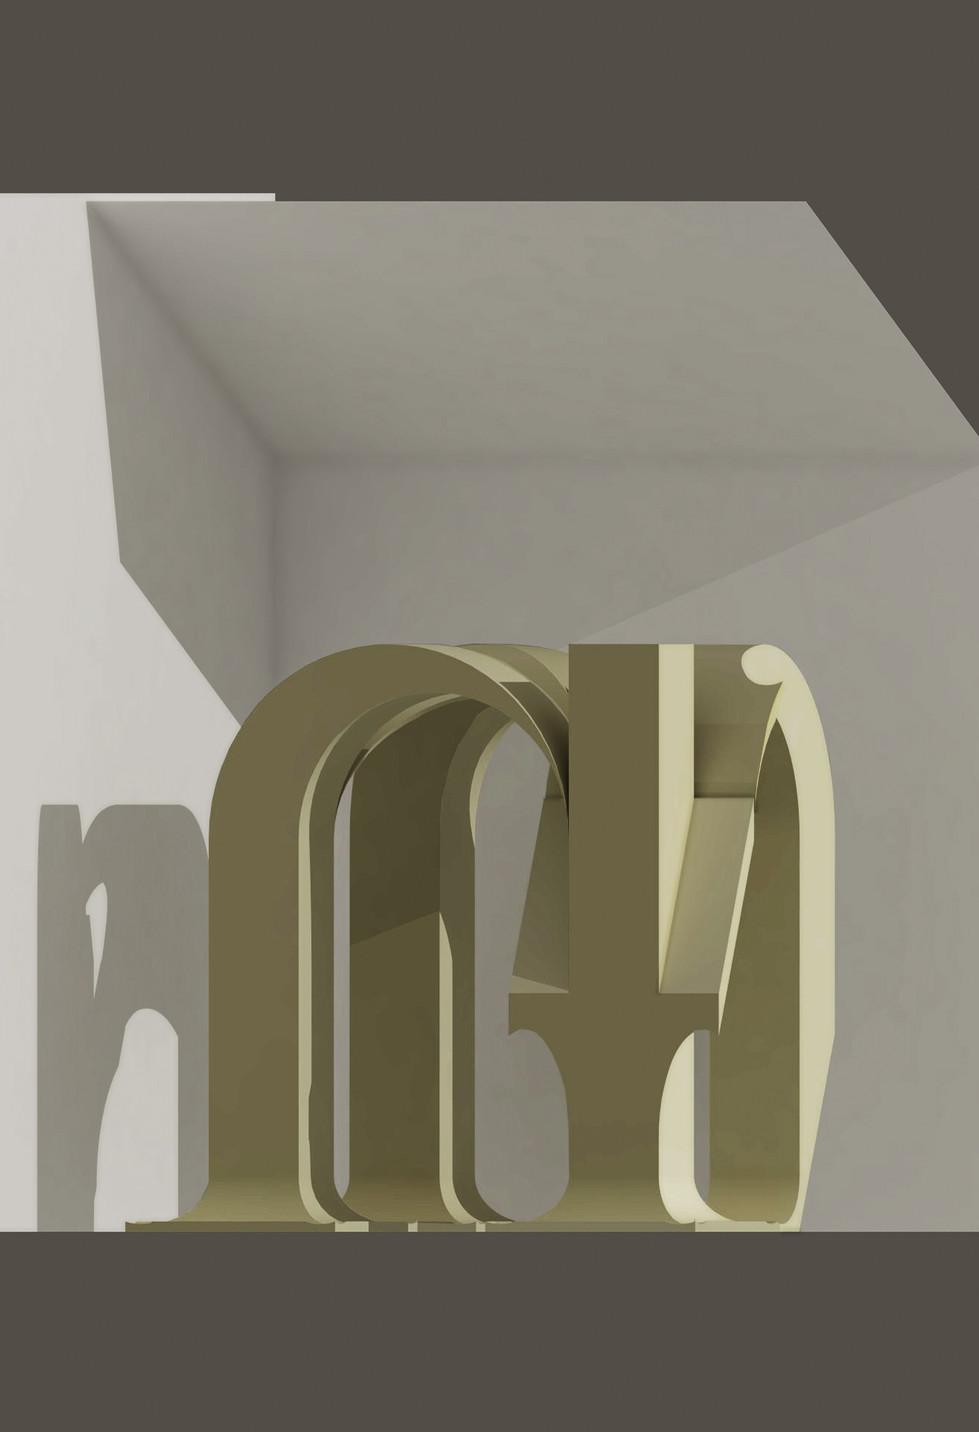 Letter Folded_Render_2.jpg